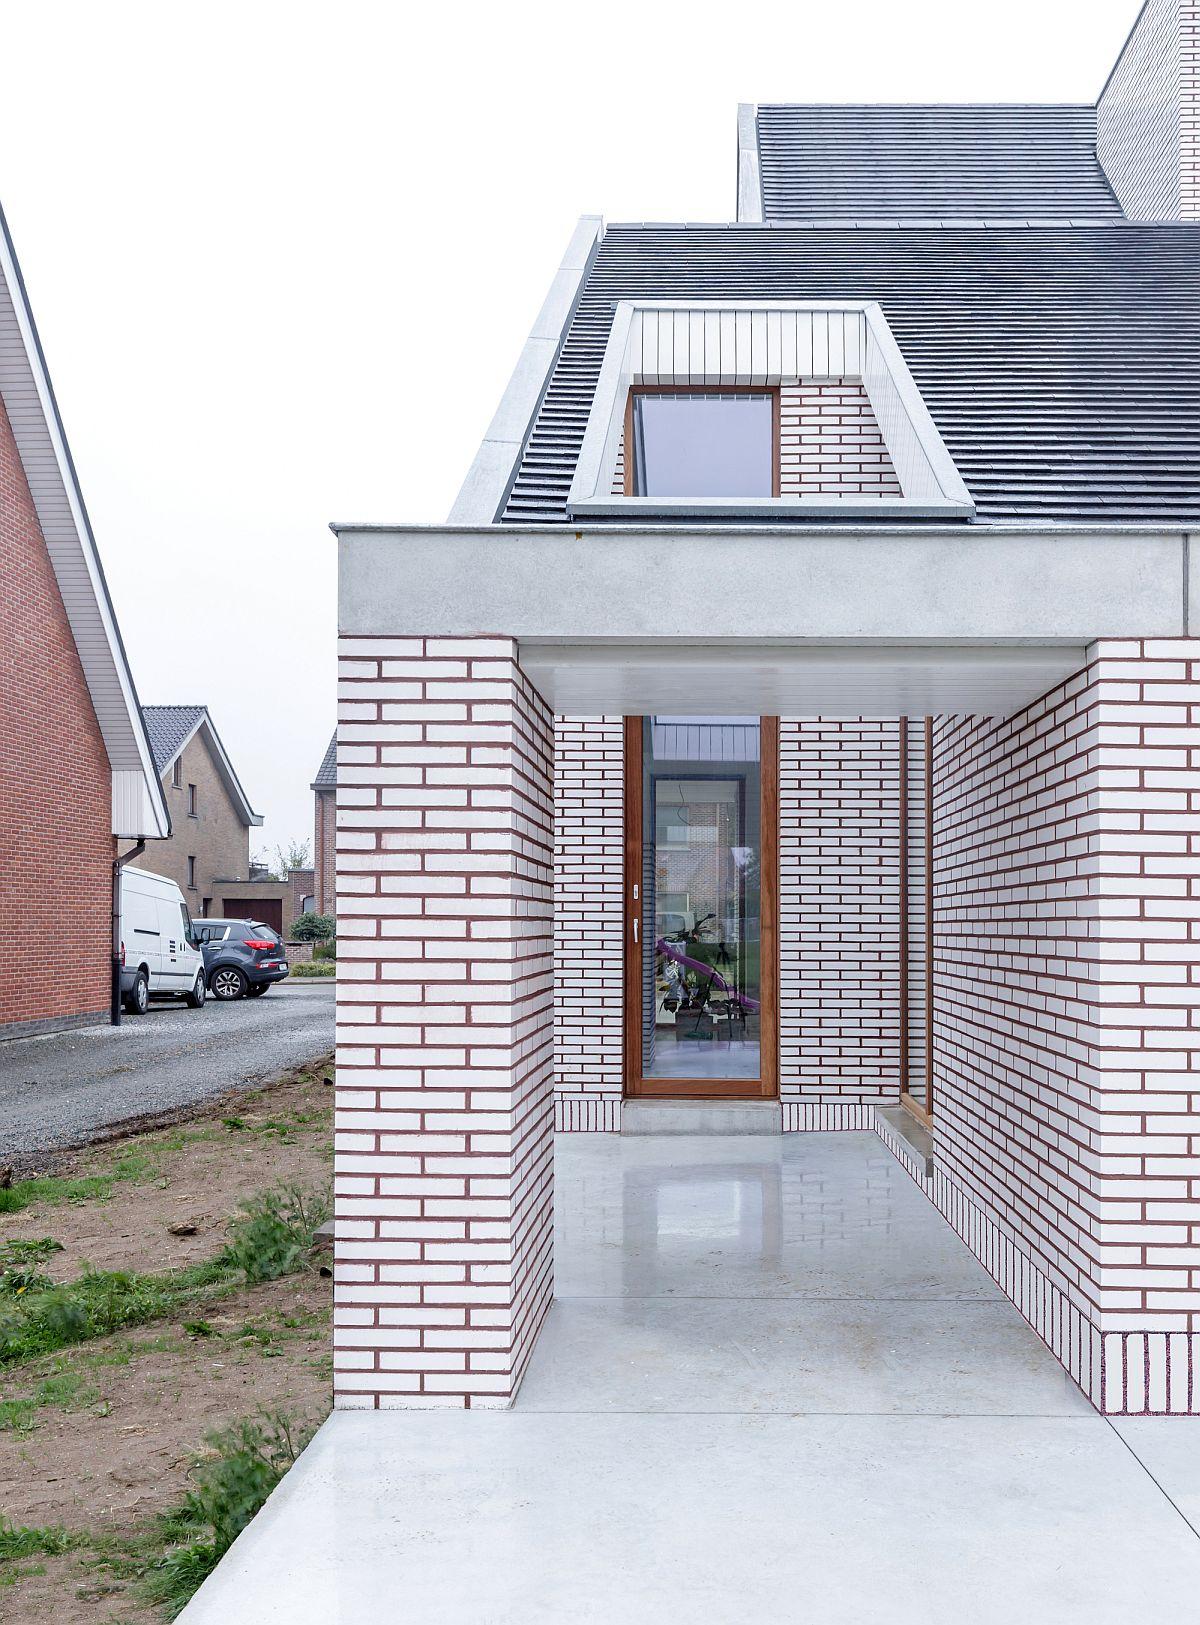 Ngôi nhà với vẻ đẹp bí ẩn khiến ai đi qua cũng tò mò vì ốp toàn bộ ngoại thất bằng gạch trắng kẻ đỏ - Ảnh 5.